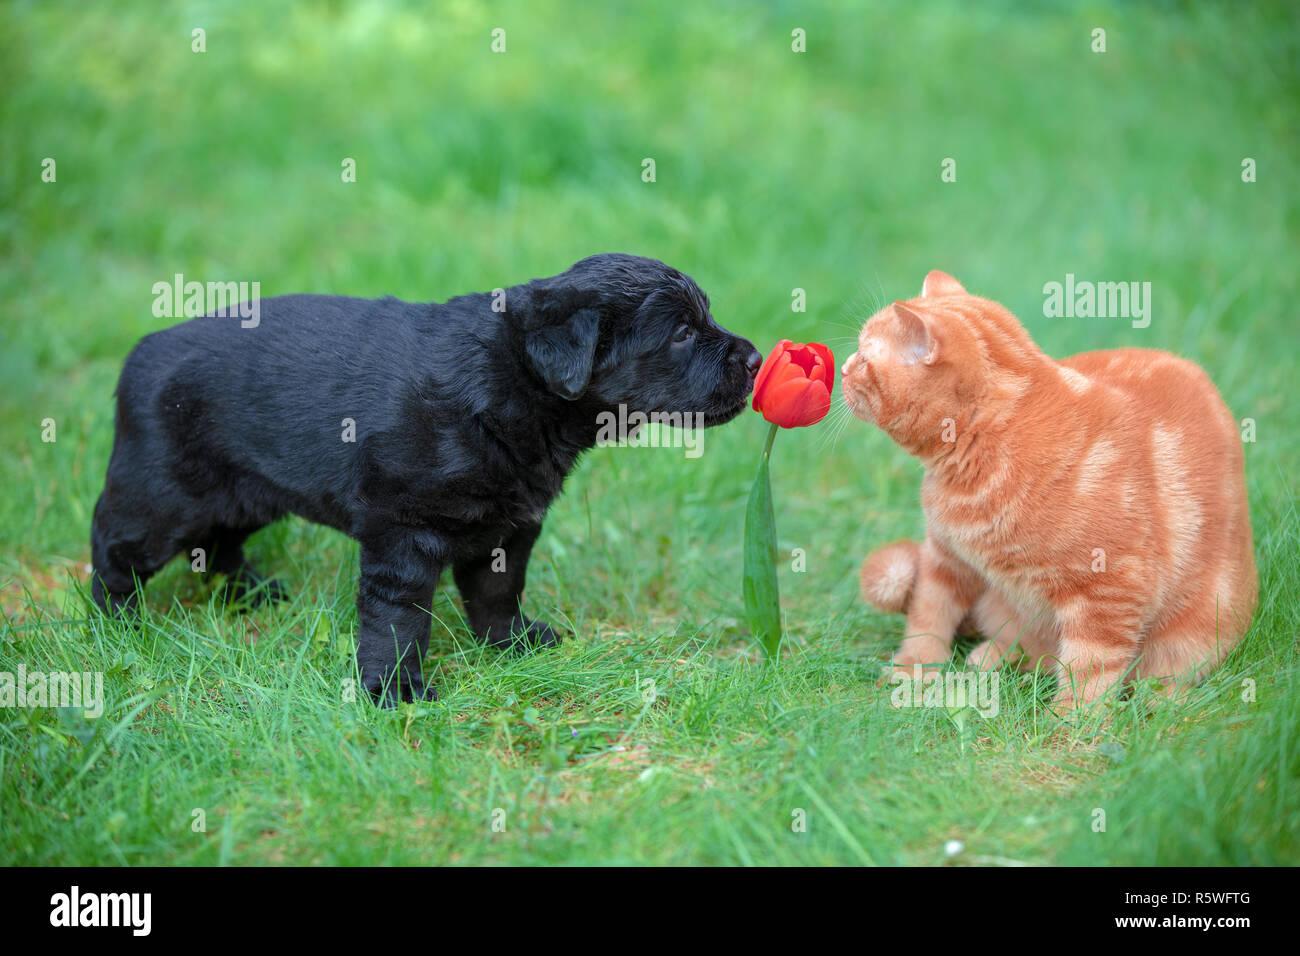 Funny Animals Piccolo Cucciolo E Gattino Giocare Allaperto Nel